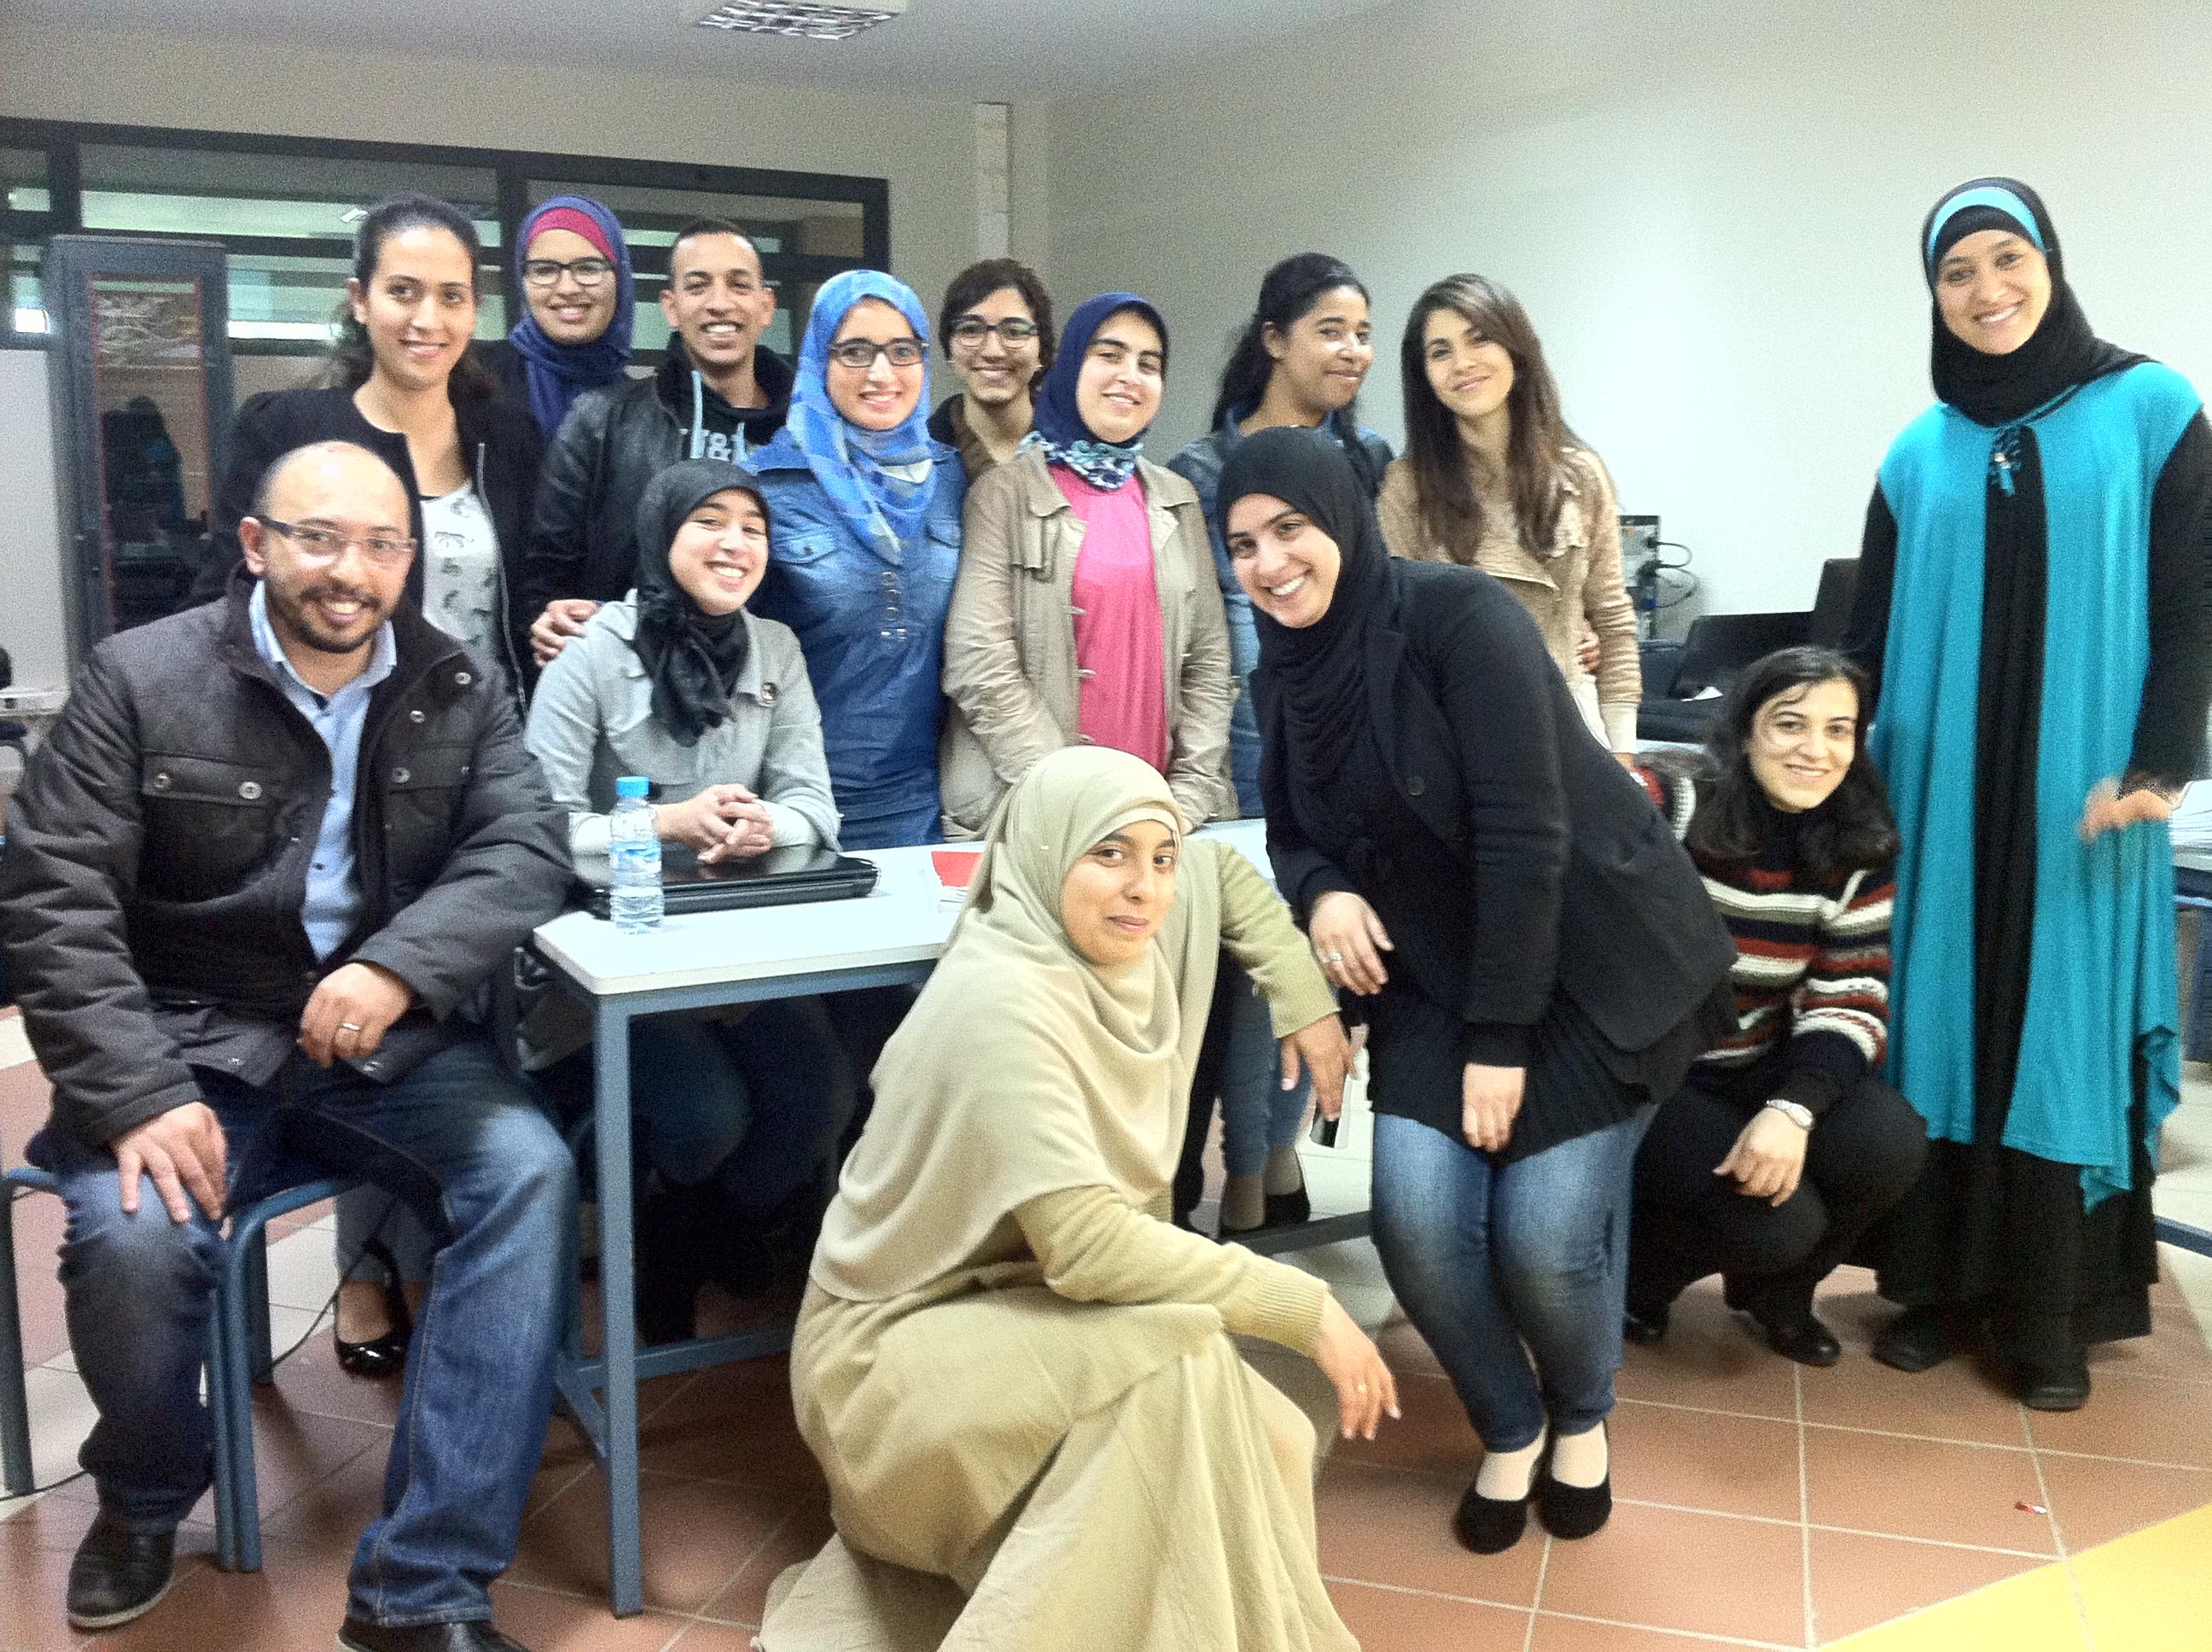 Casablanca team – Mundiapolis University